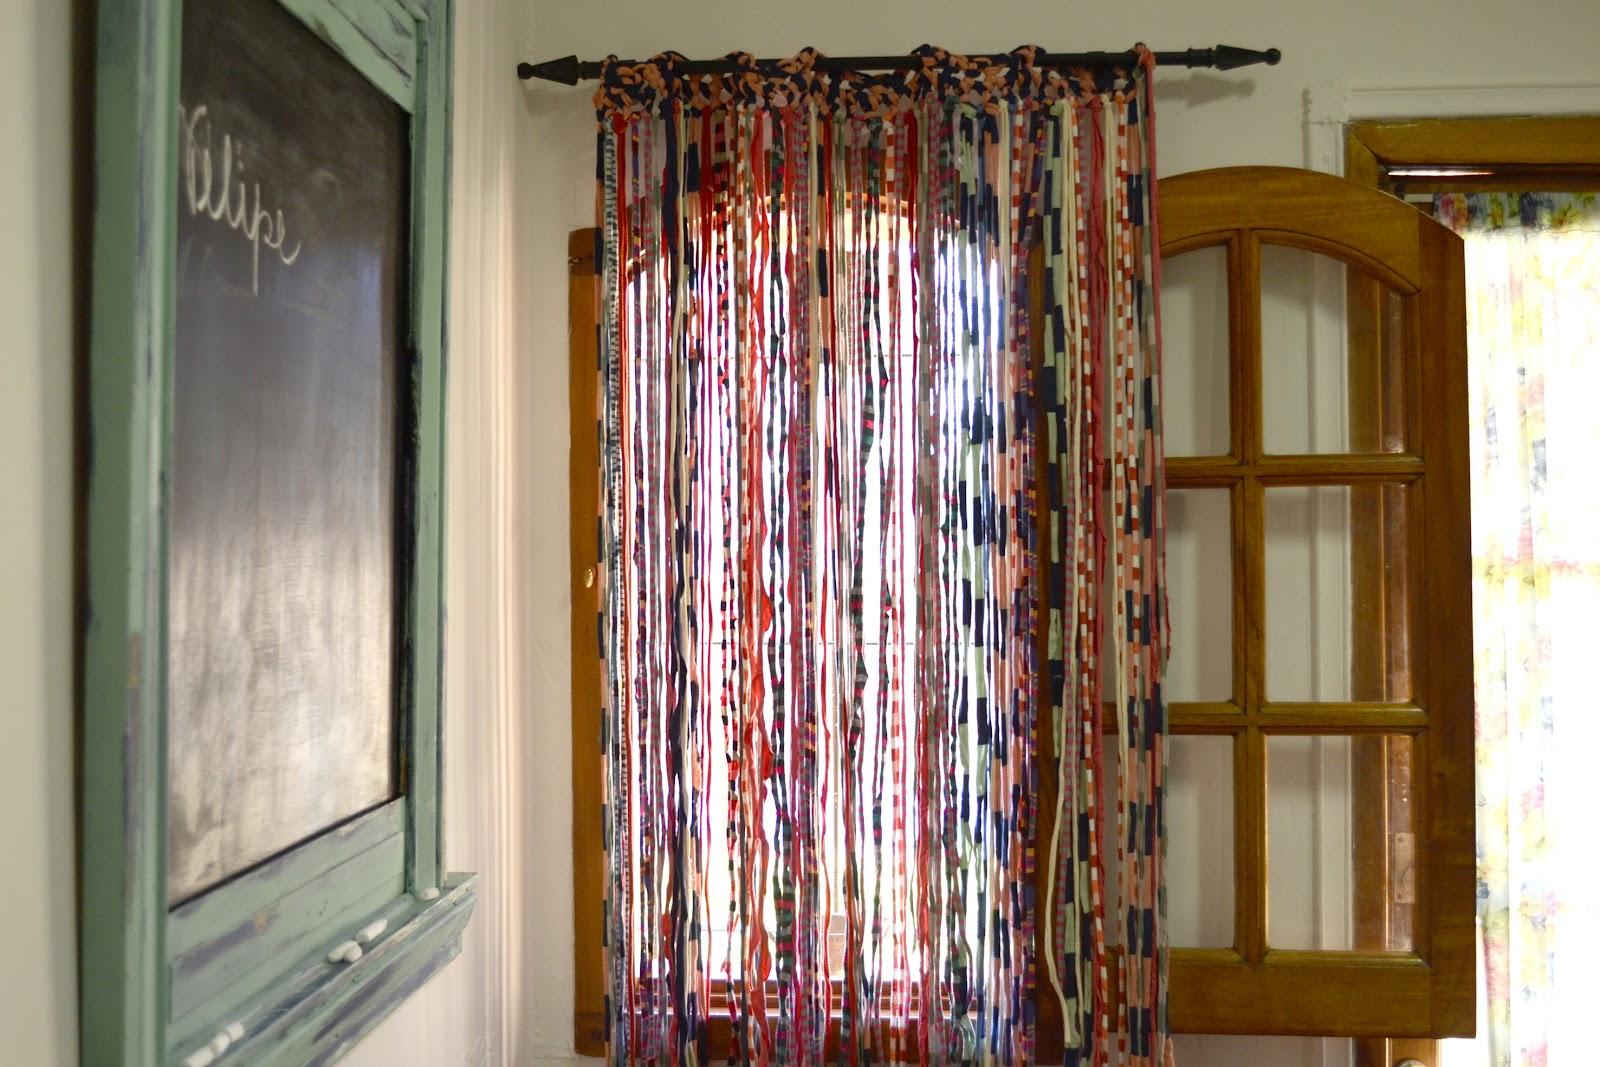 El blog de kyoko cortinas kyoko - Cortinas para separar ambientes ...